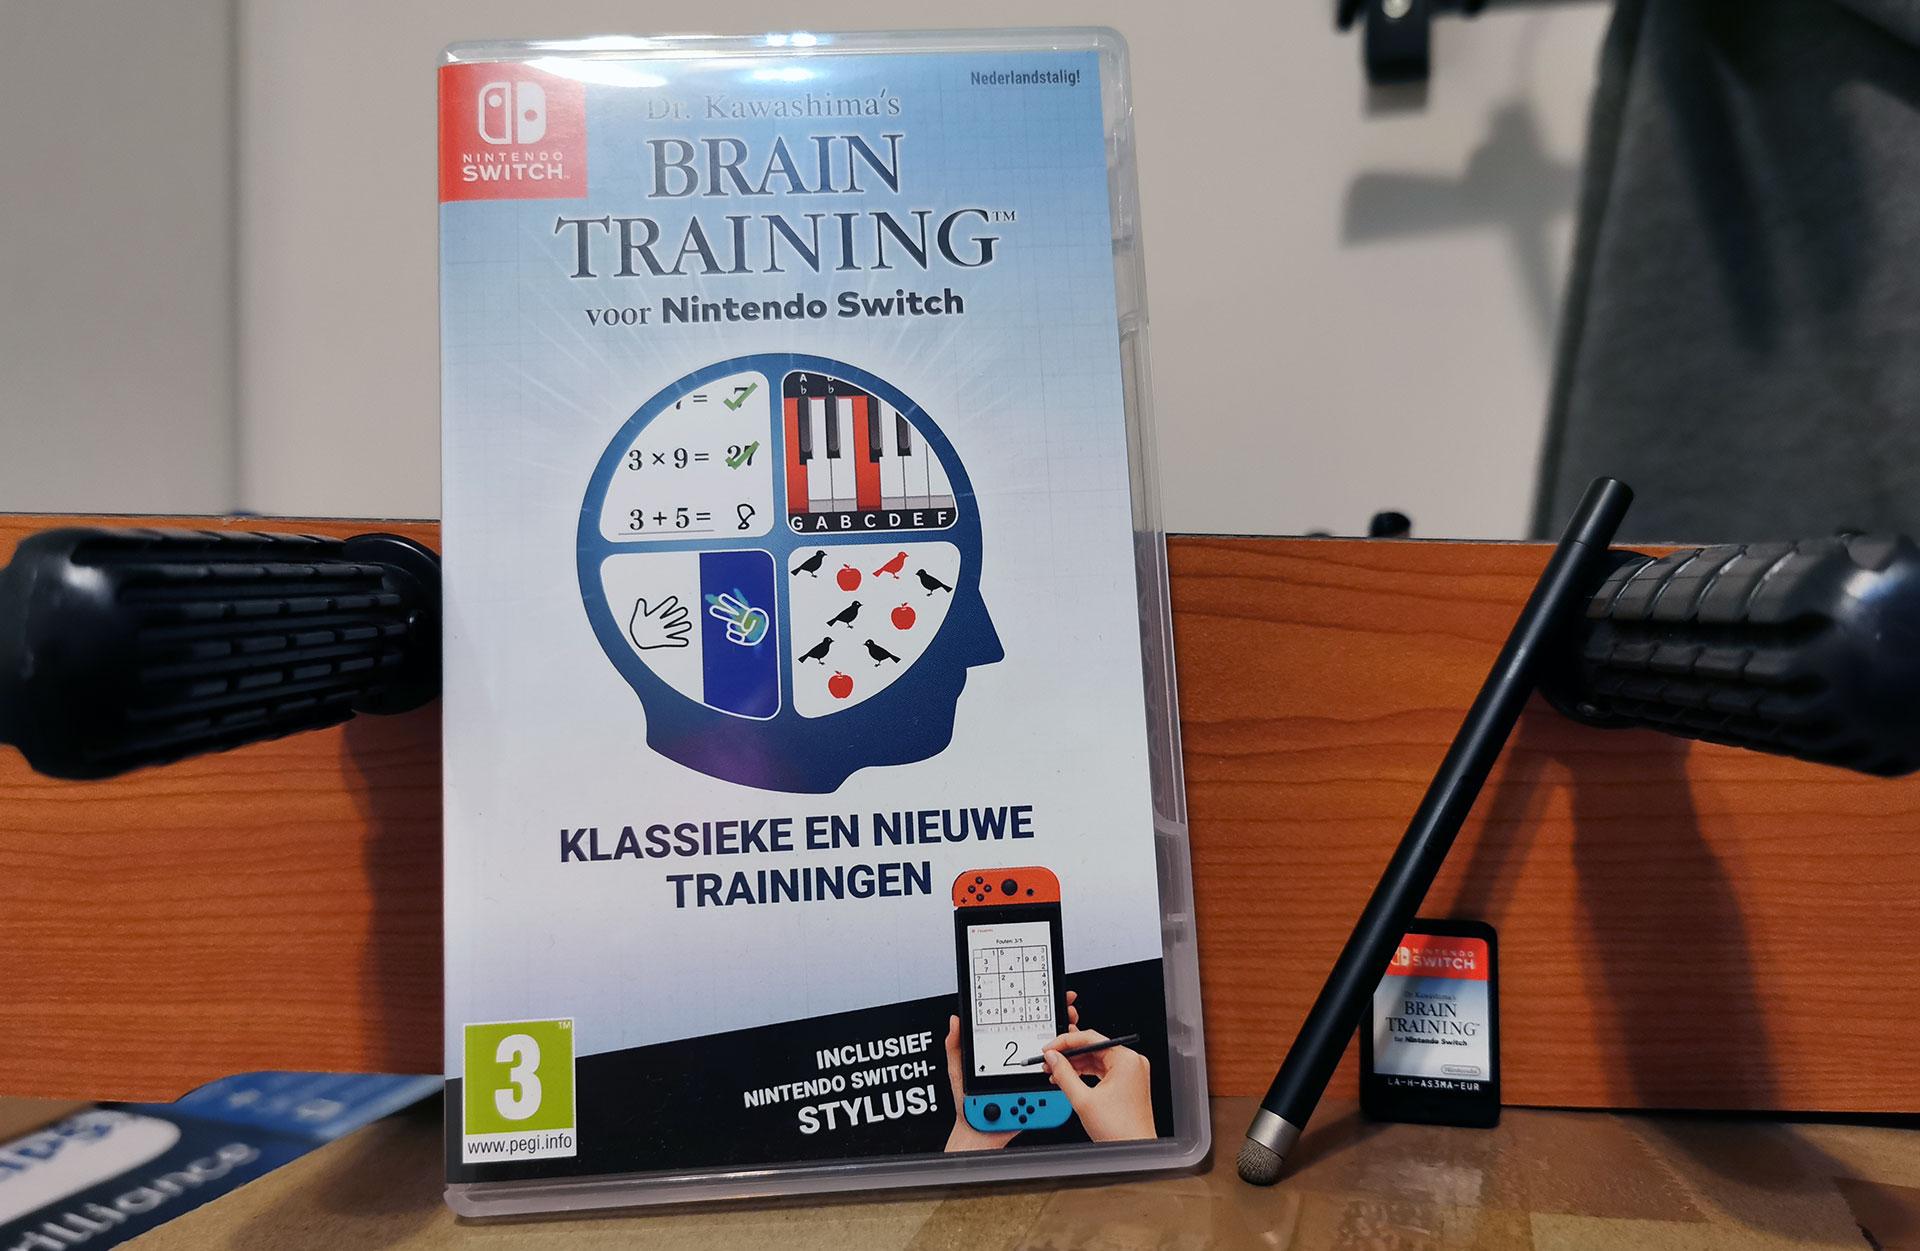 Dr. Kawashima's Brain Training Uitgepakt